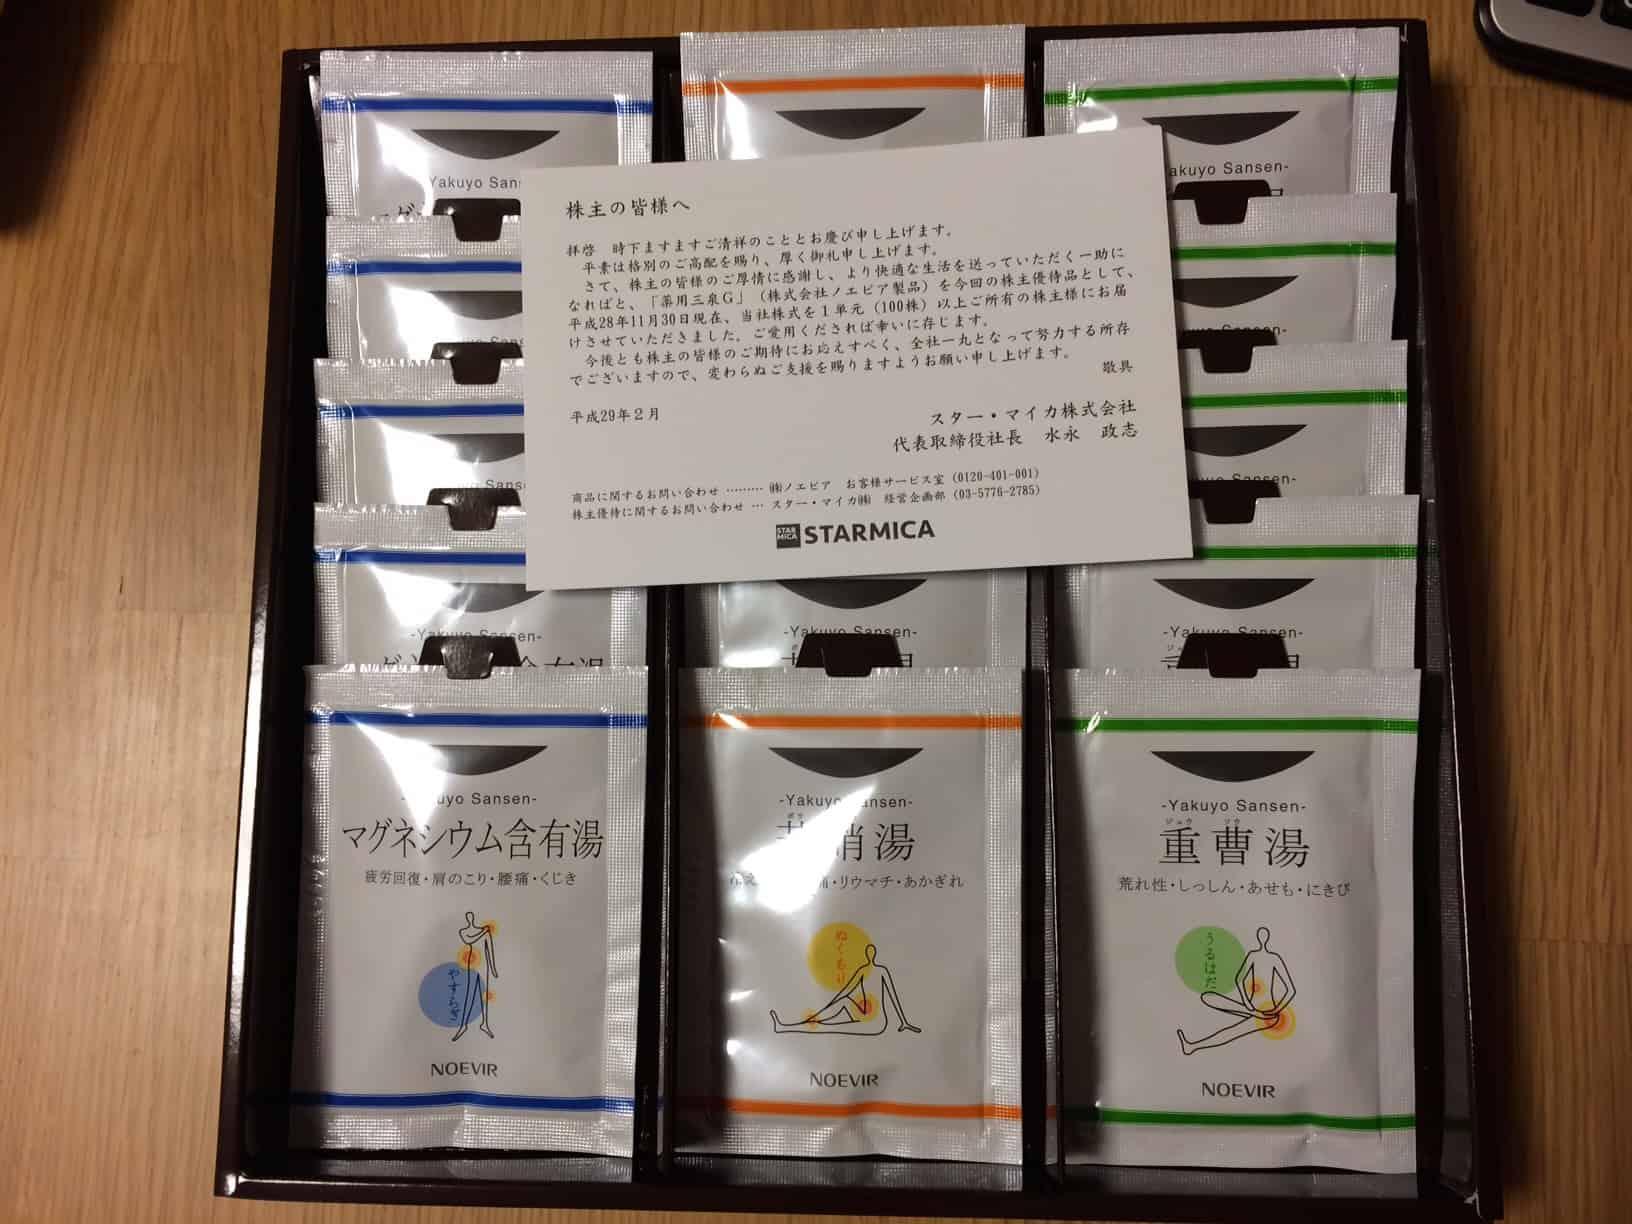 スターマイカ(3230)から株主優待(ノエビアの入浴剤)が届く!さっそく子供とお風呂へ